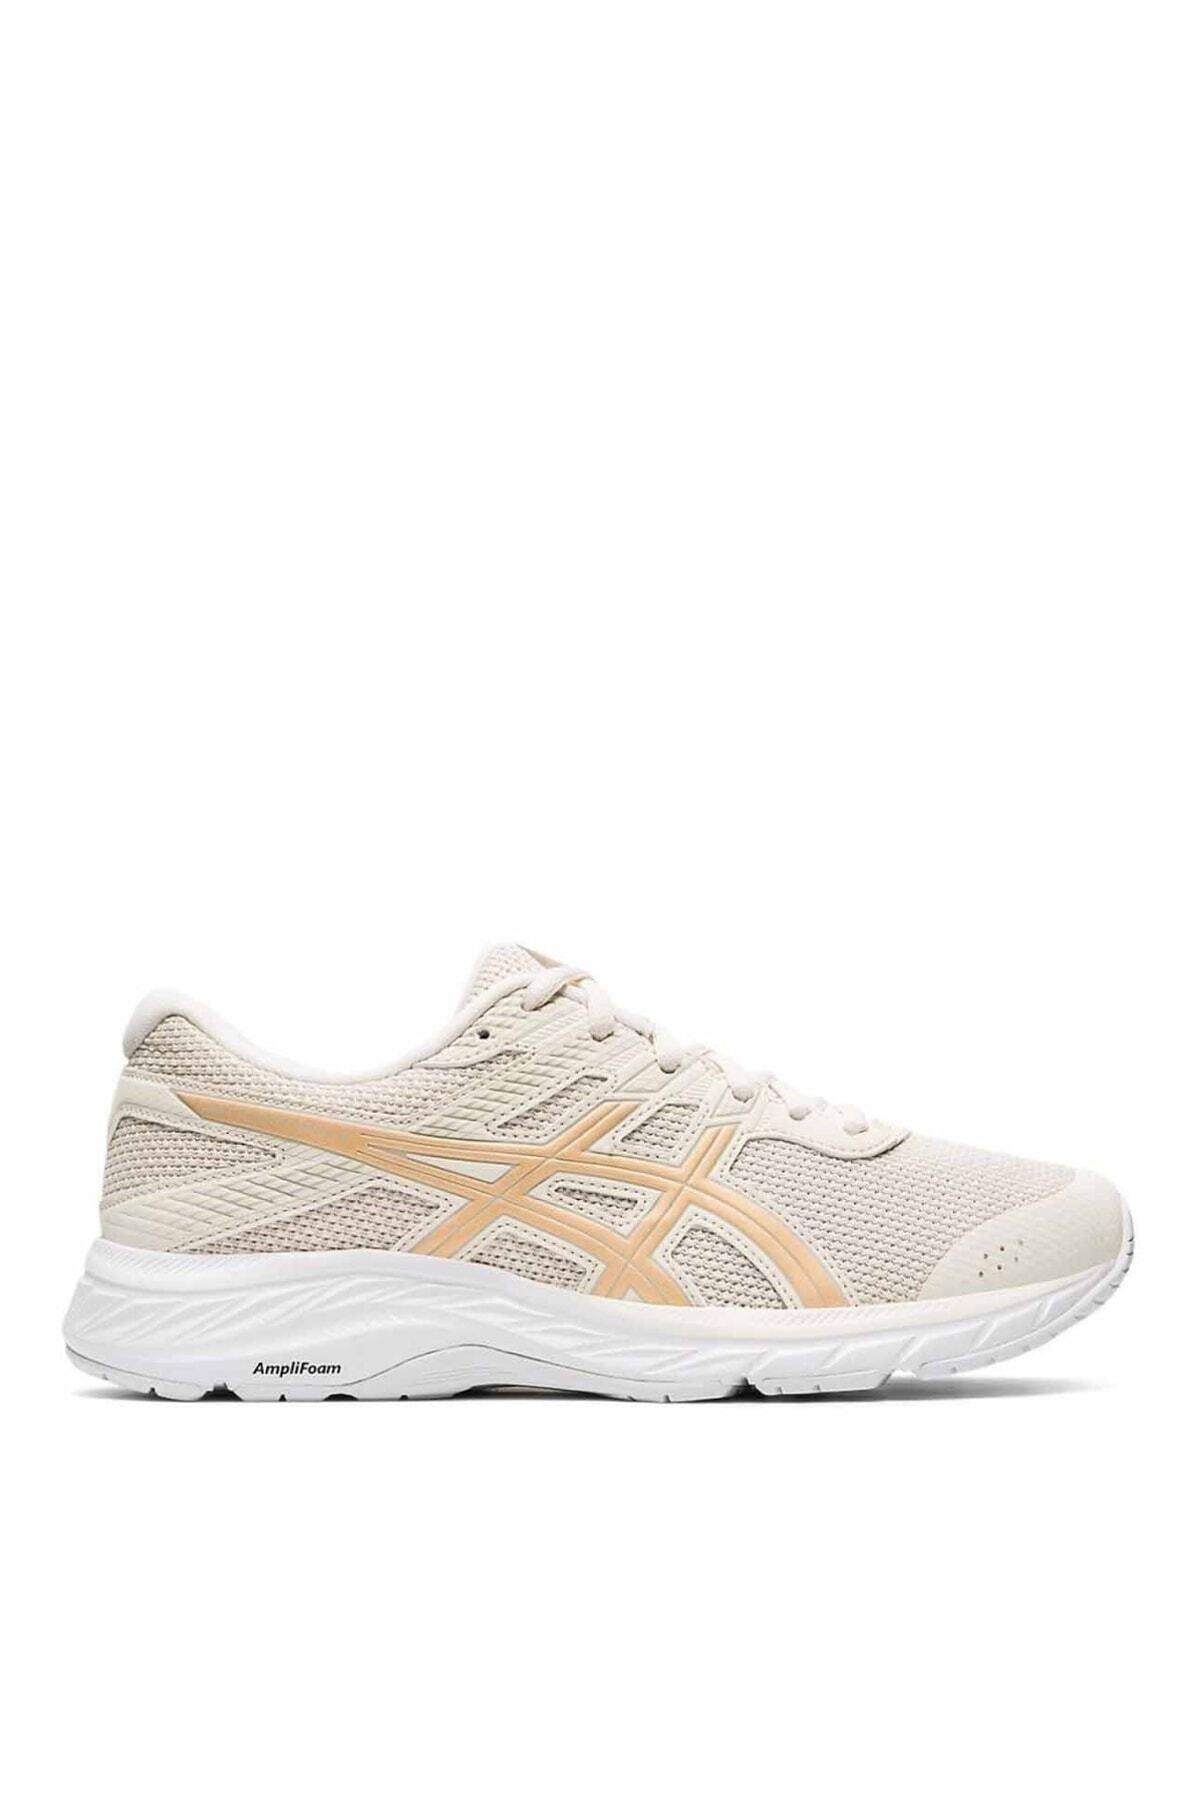 Asics Gel-contend 6 Twıst Kadın Koşu Ayakkabısı 1